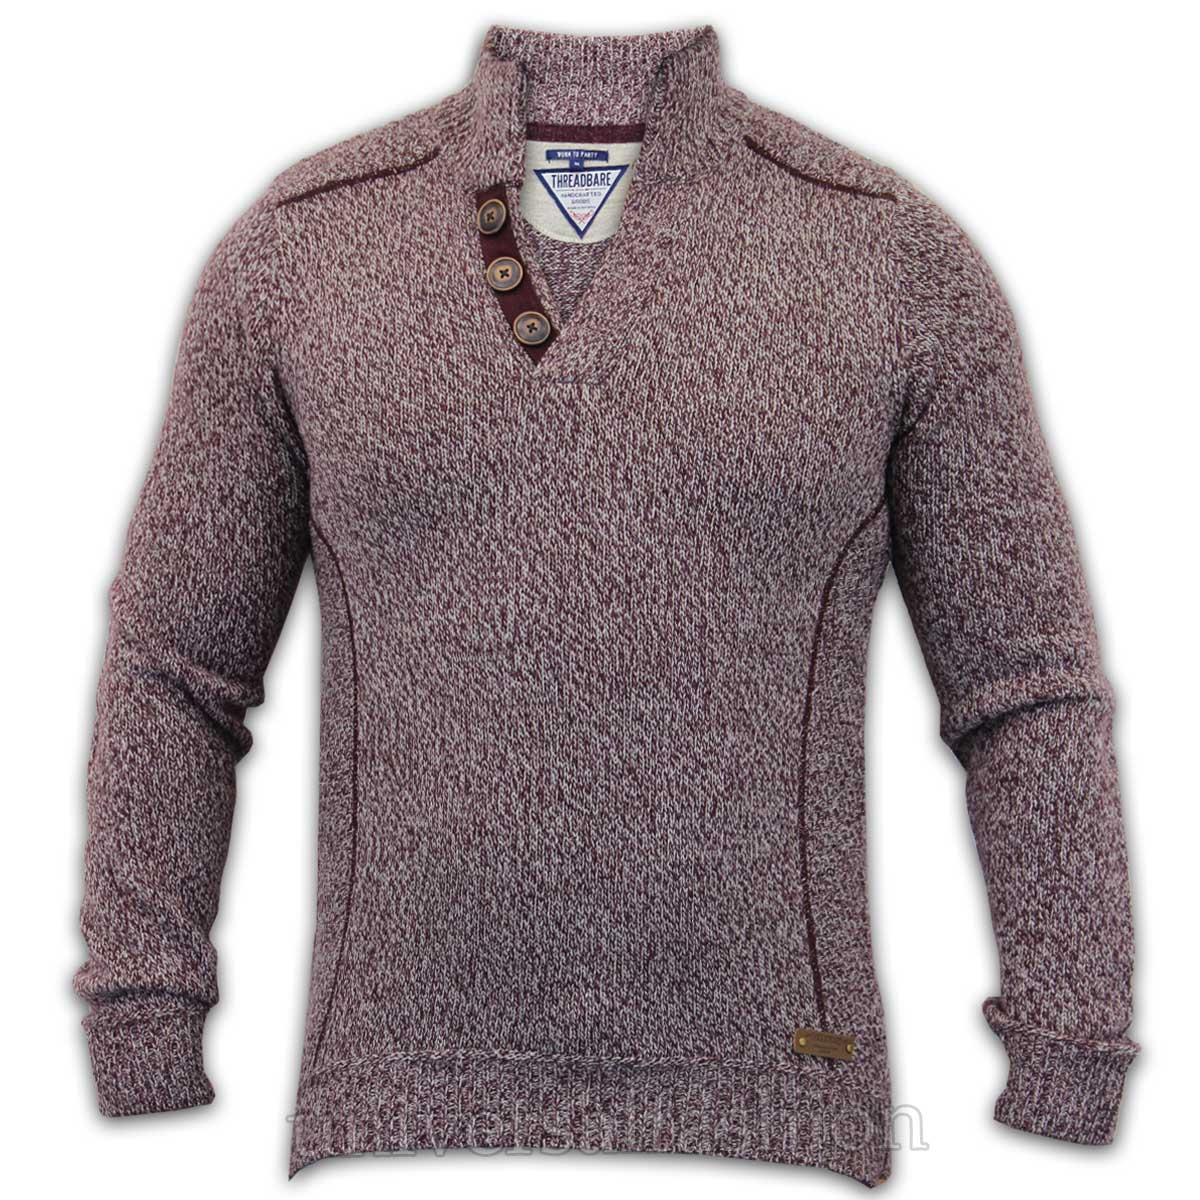 Hombre-Jersey-Threadbare-Mezcla-De-Lana-Punto-Sueter-Informal-Invierno-NUEVO